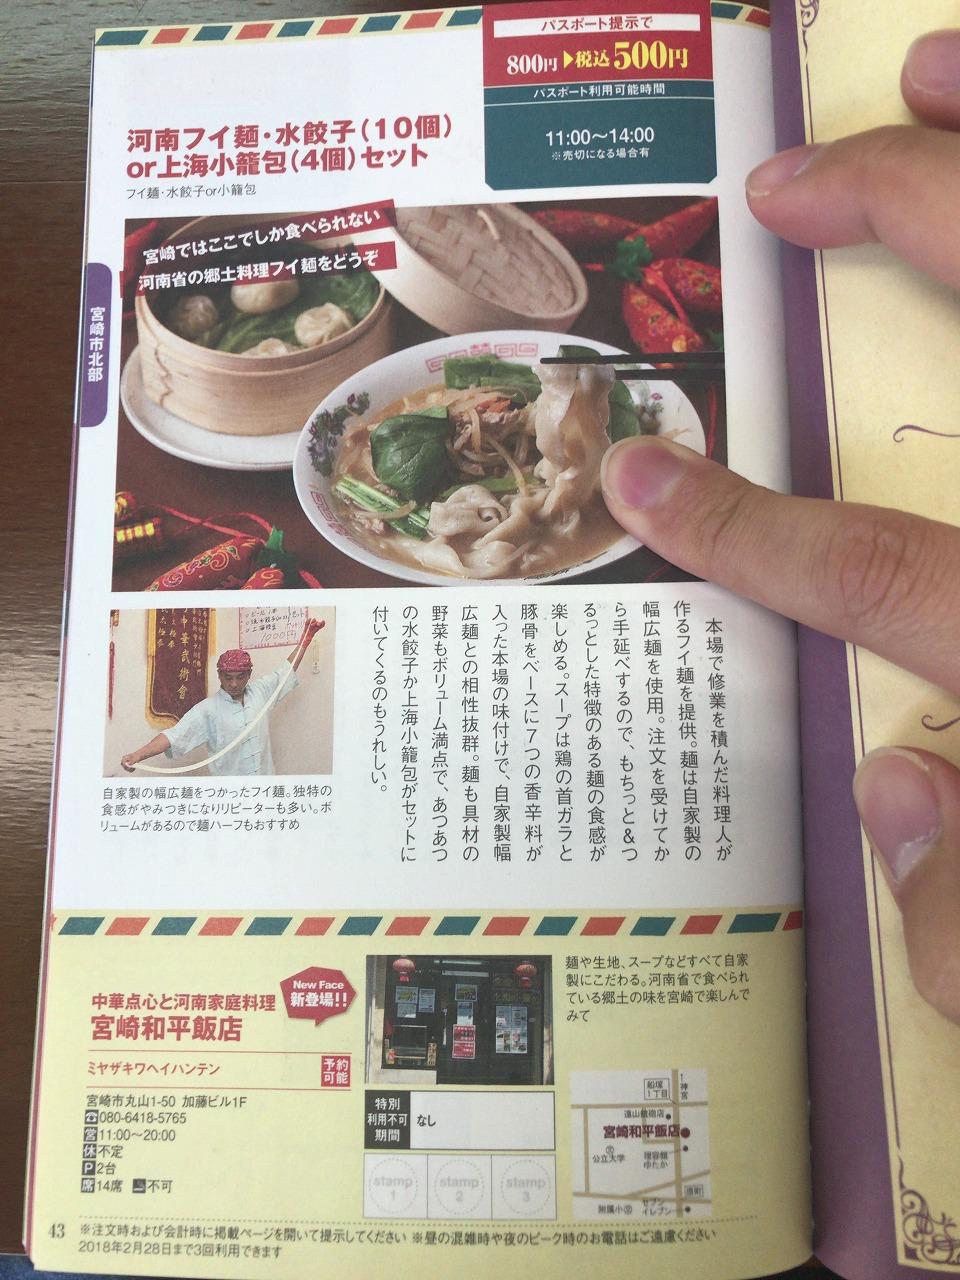 宮崎和平飯店ランチパスポート